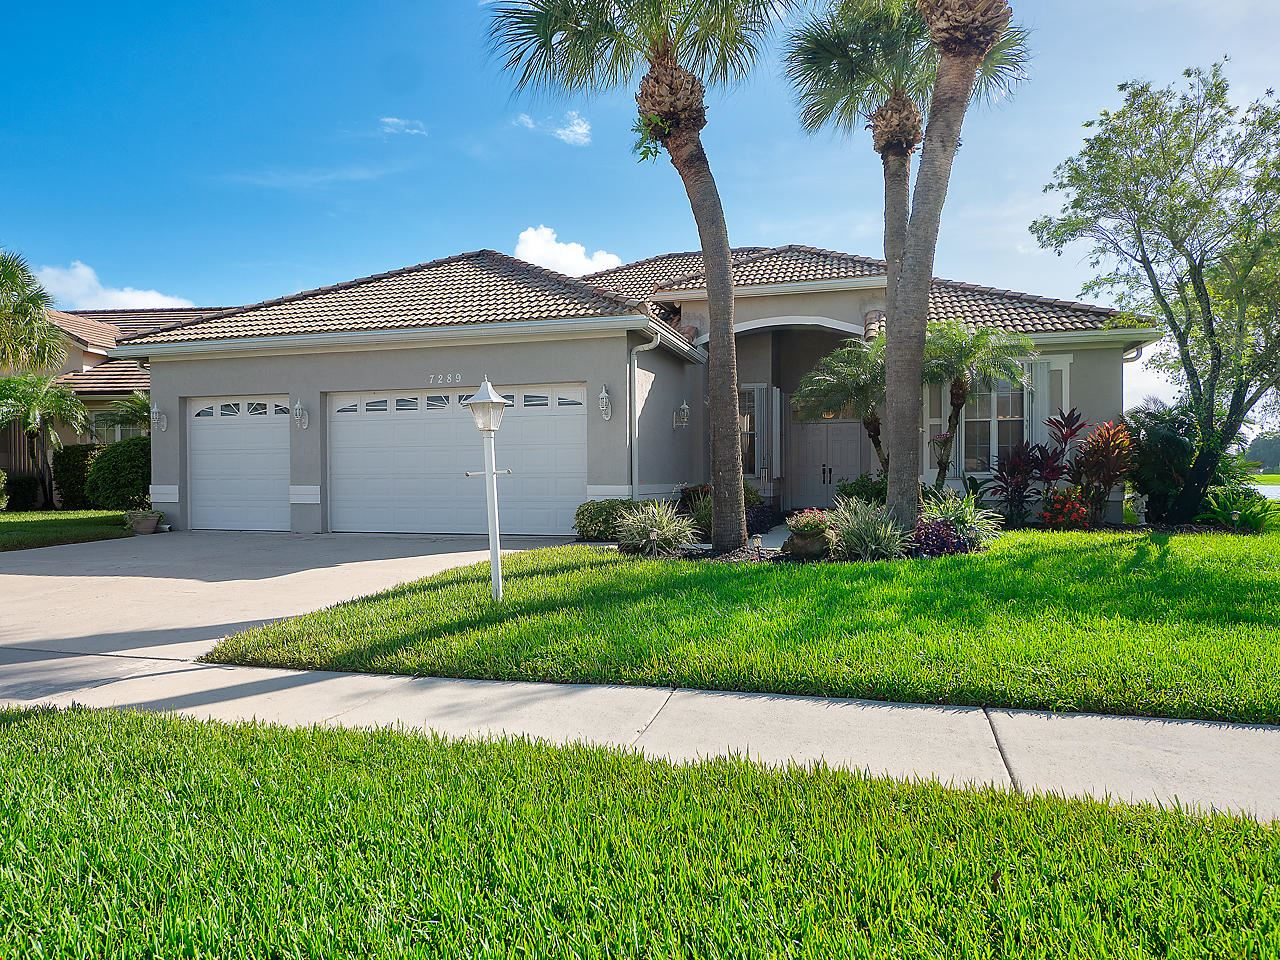 7289 Catalina Isle Drive, Lake Worth, FL 33467 - #: RX-10641433